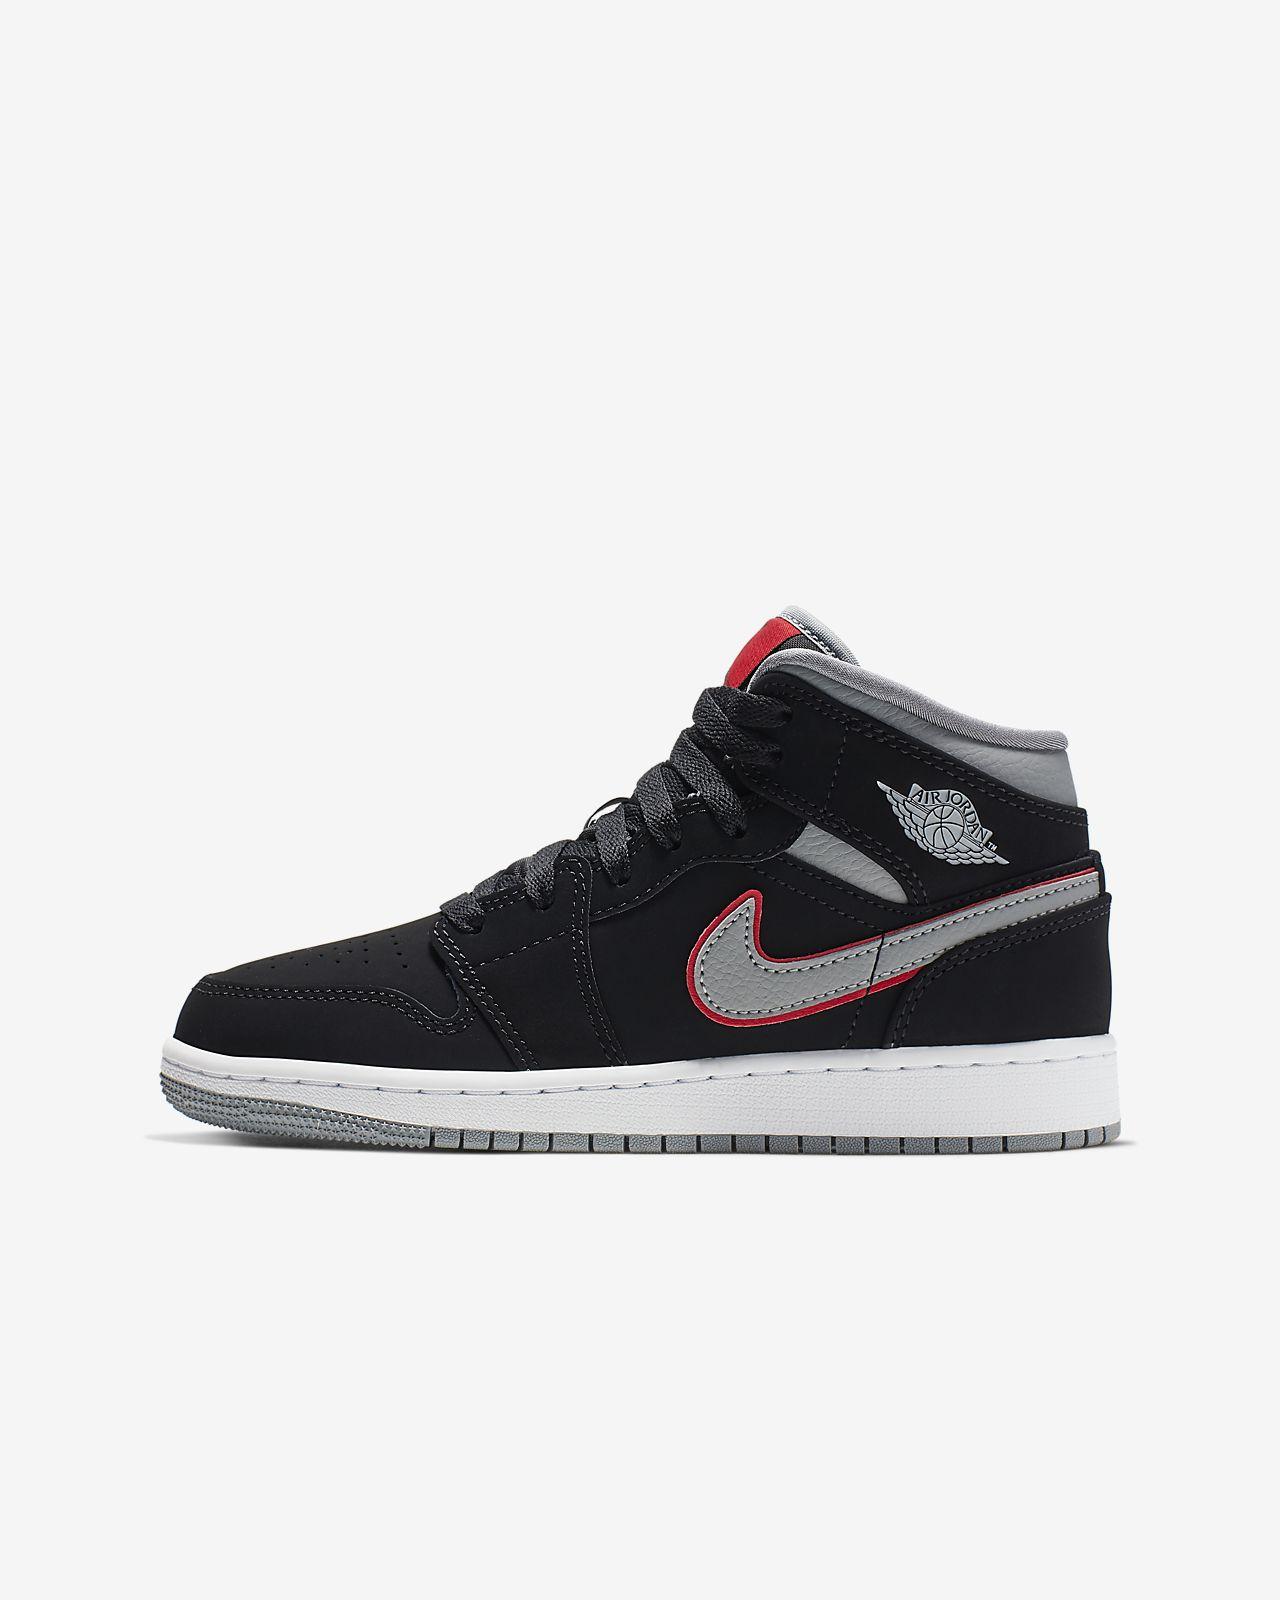 Plus Chaussure Jordan Enfant Âgé Pour Air 1 Mid dCrshtQ